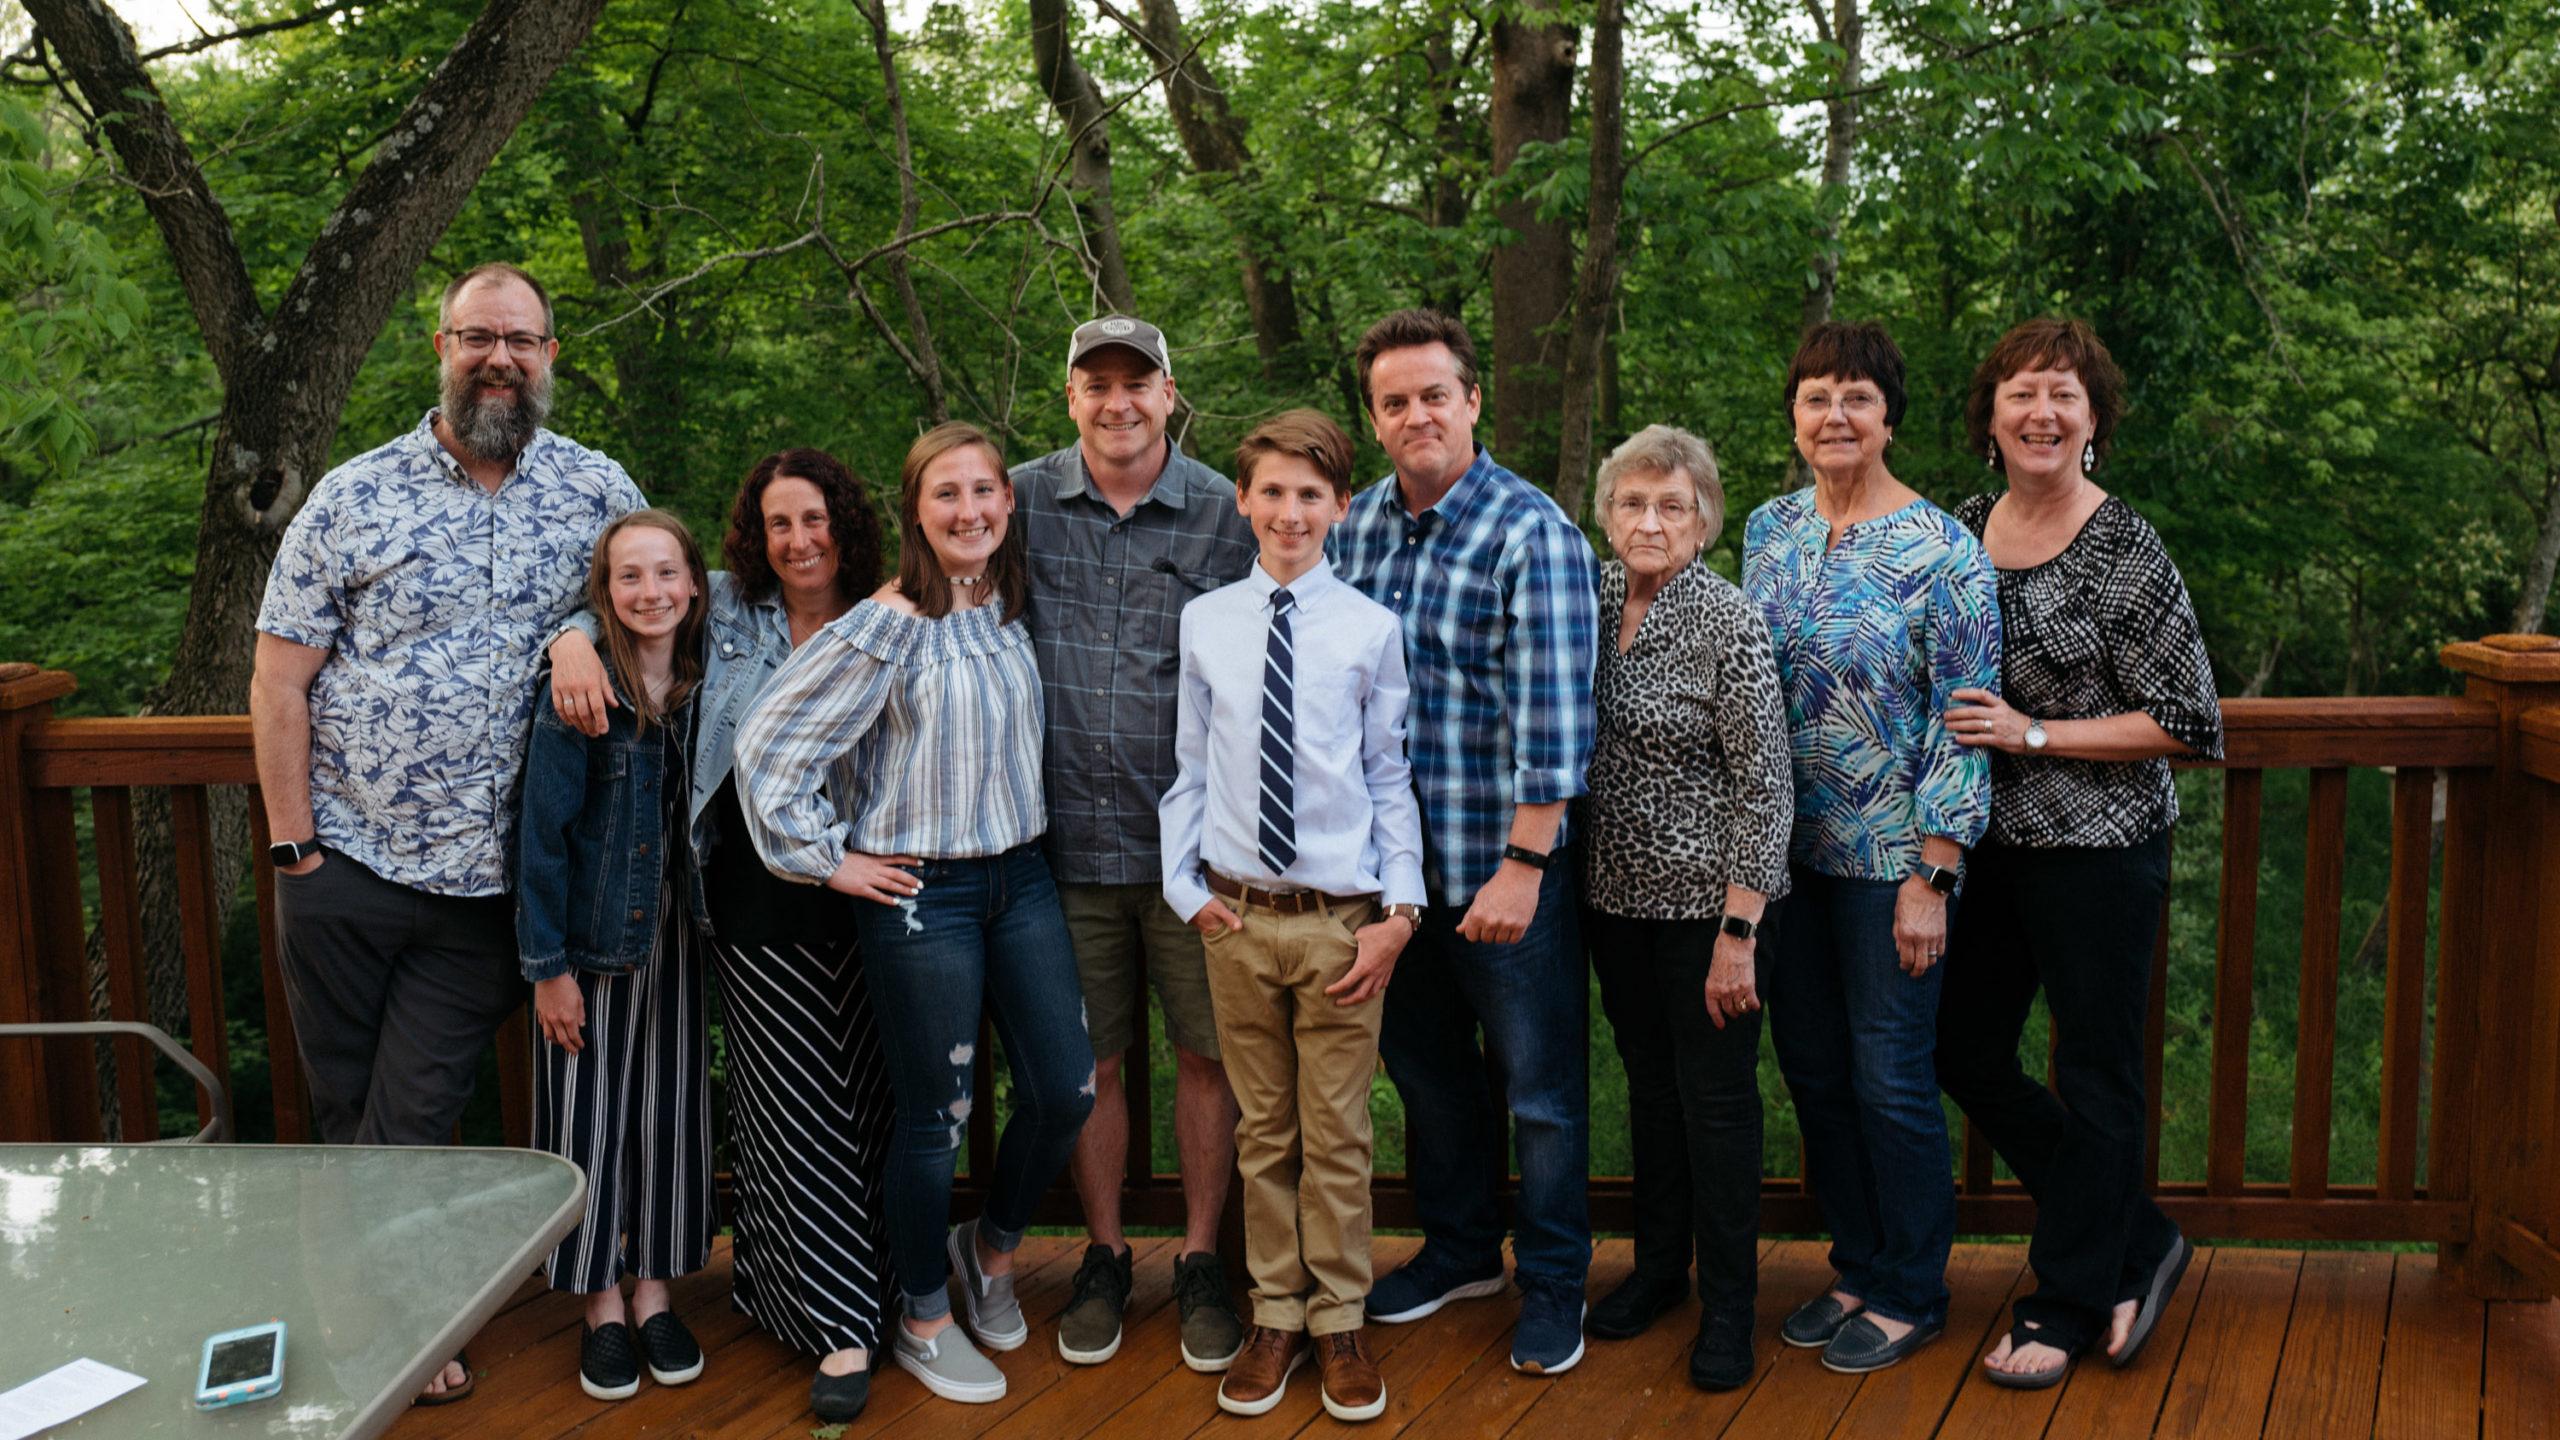 A family portrait at a graduation